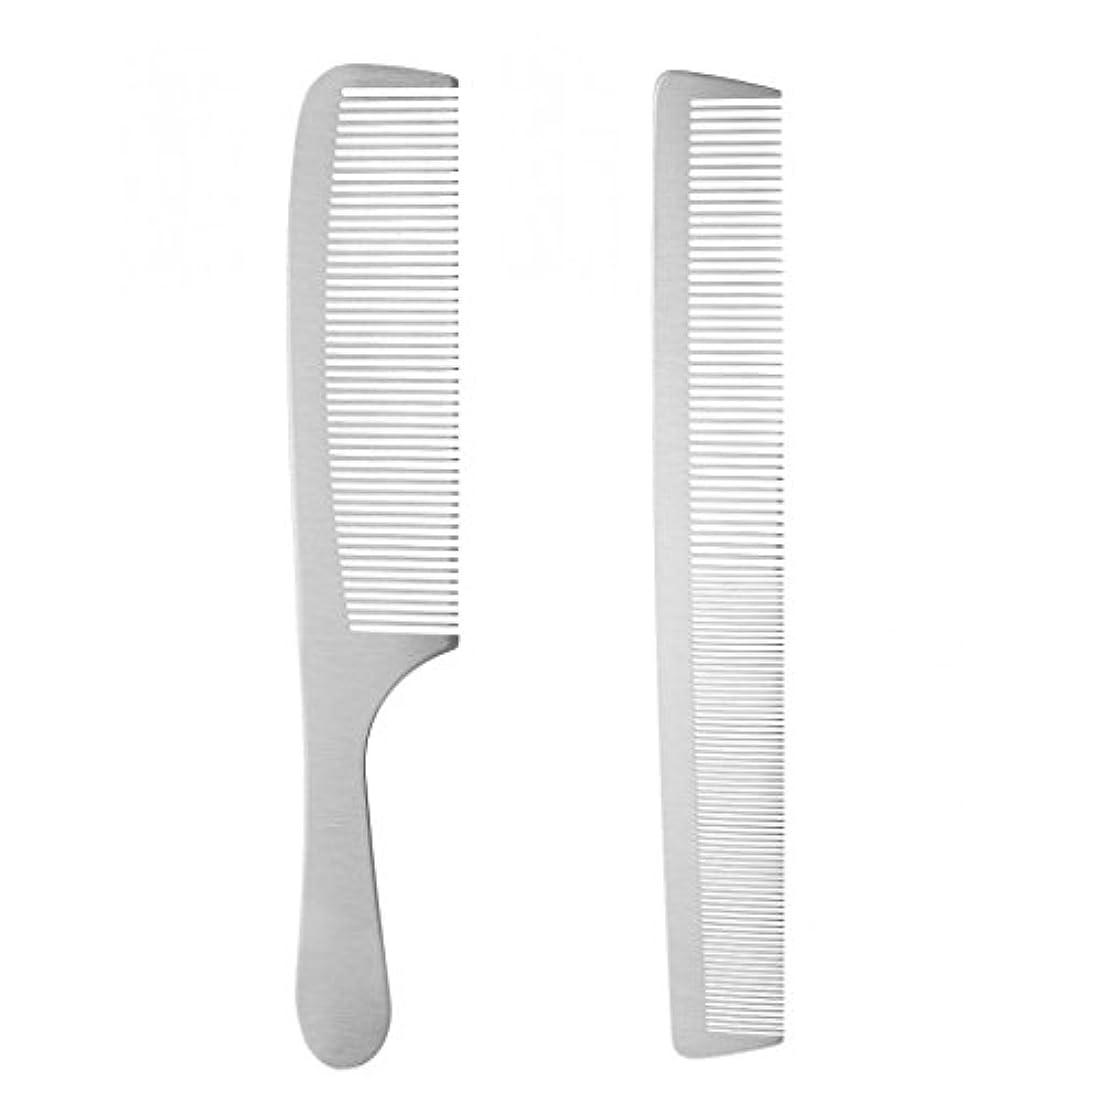 選出する見る人インフルエンザ2個 ヘアカットコーム 櫛 ヘアブラシ ヘアスタイリング ステンレス鋼 サロン 理髪師 カッティング プロ 高品質